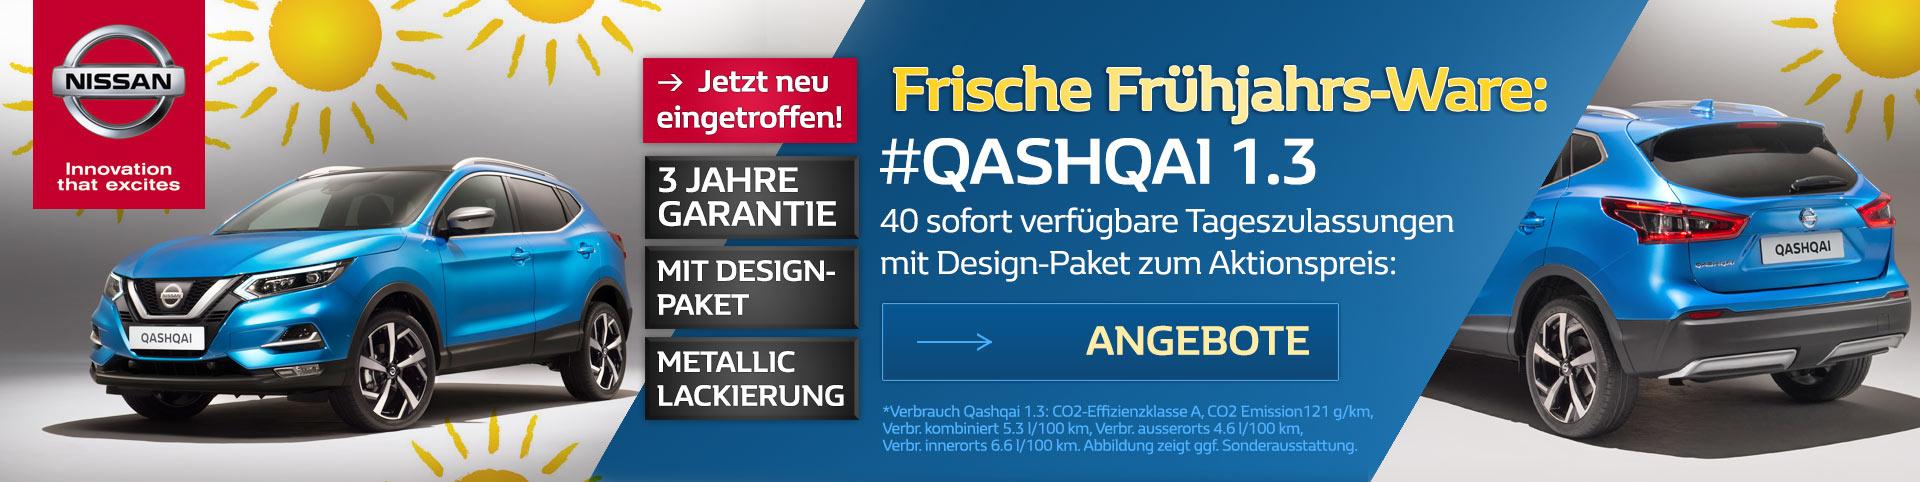 Nissan Qashqai Winterschlussverkauf